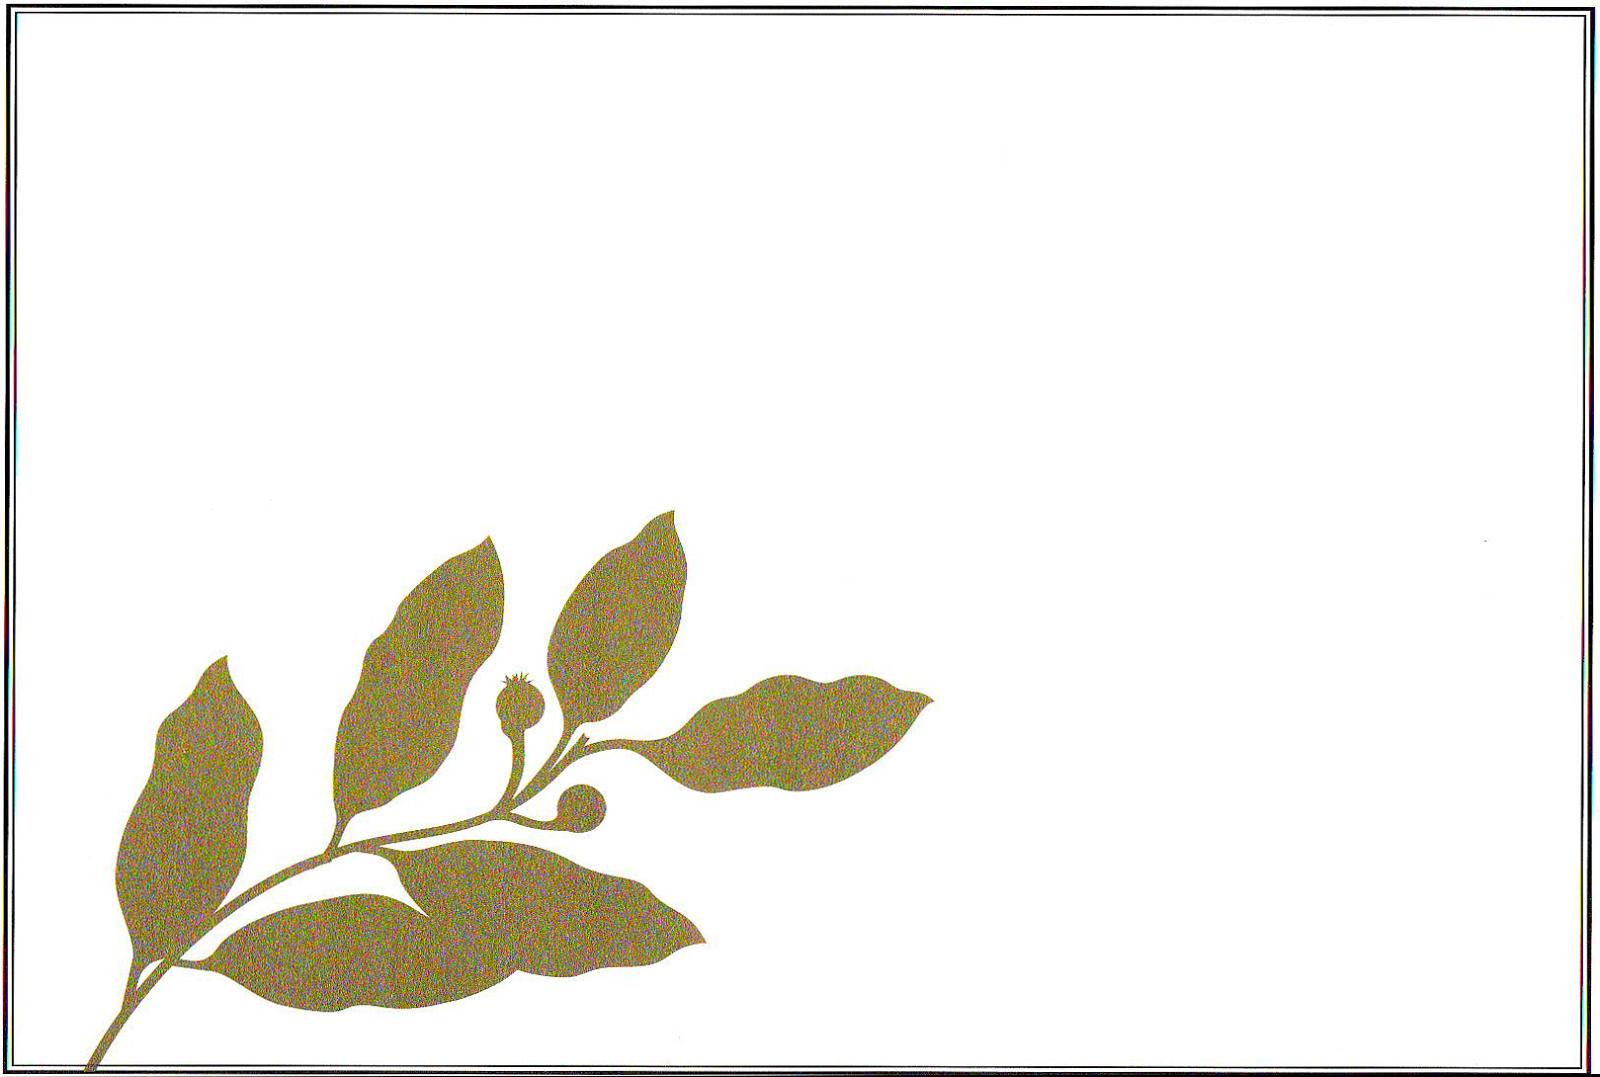 bingkai-sertifikat-ijazah-004.png